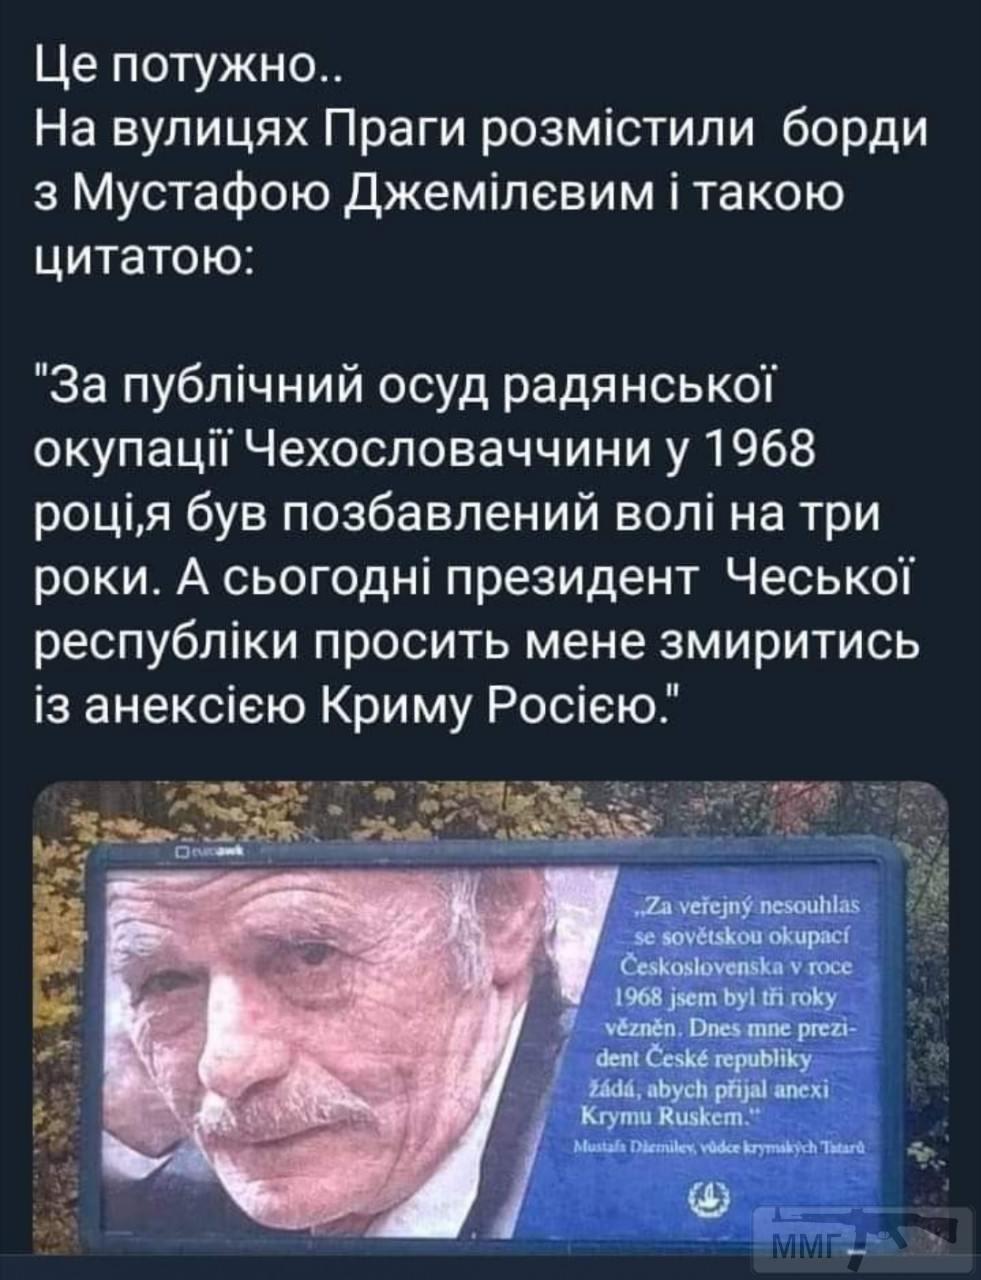 82250 - А в России чудеса!